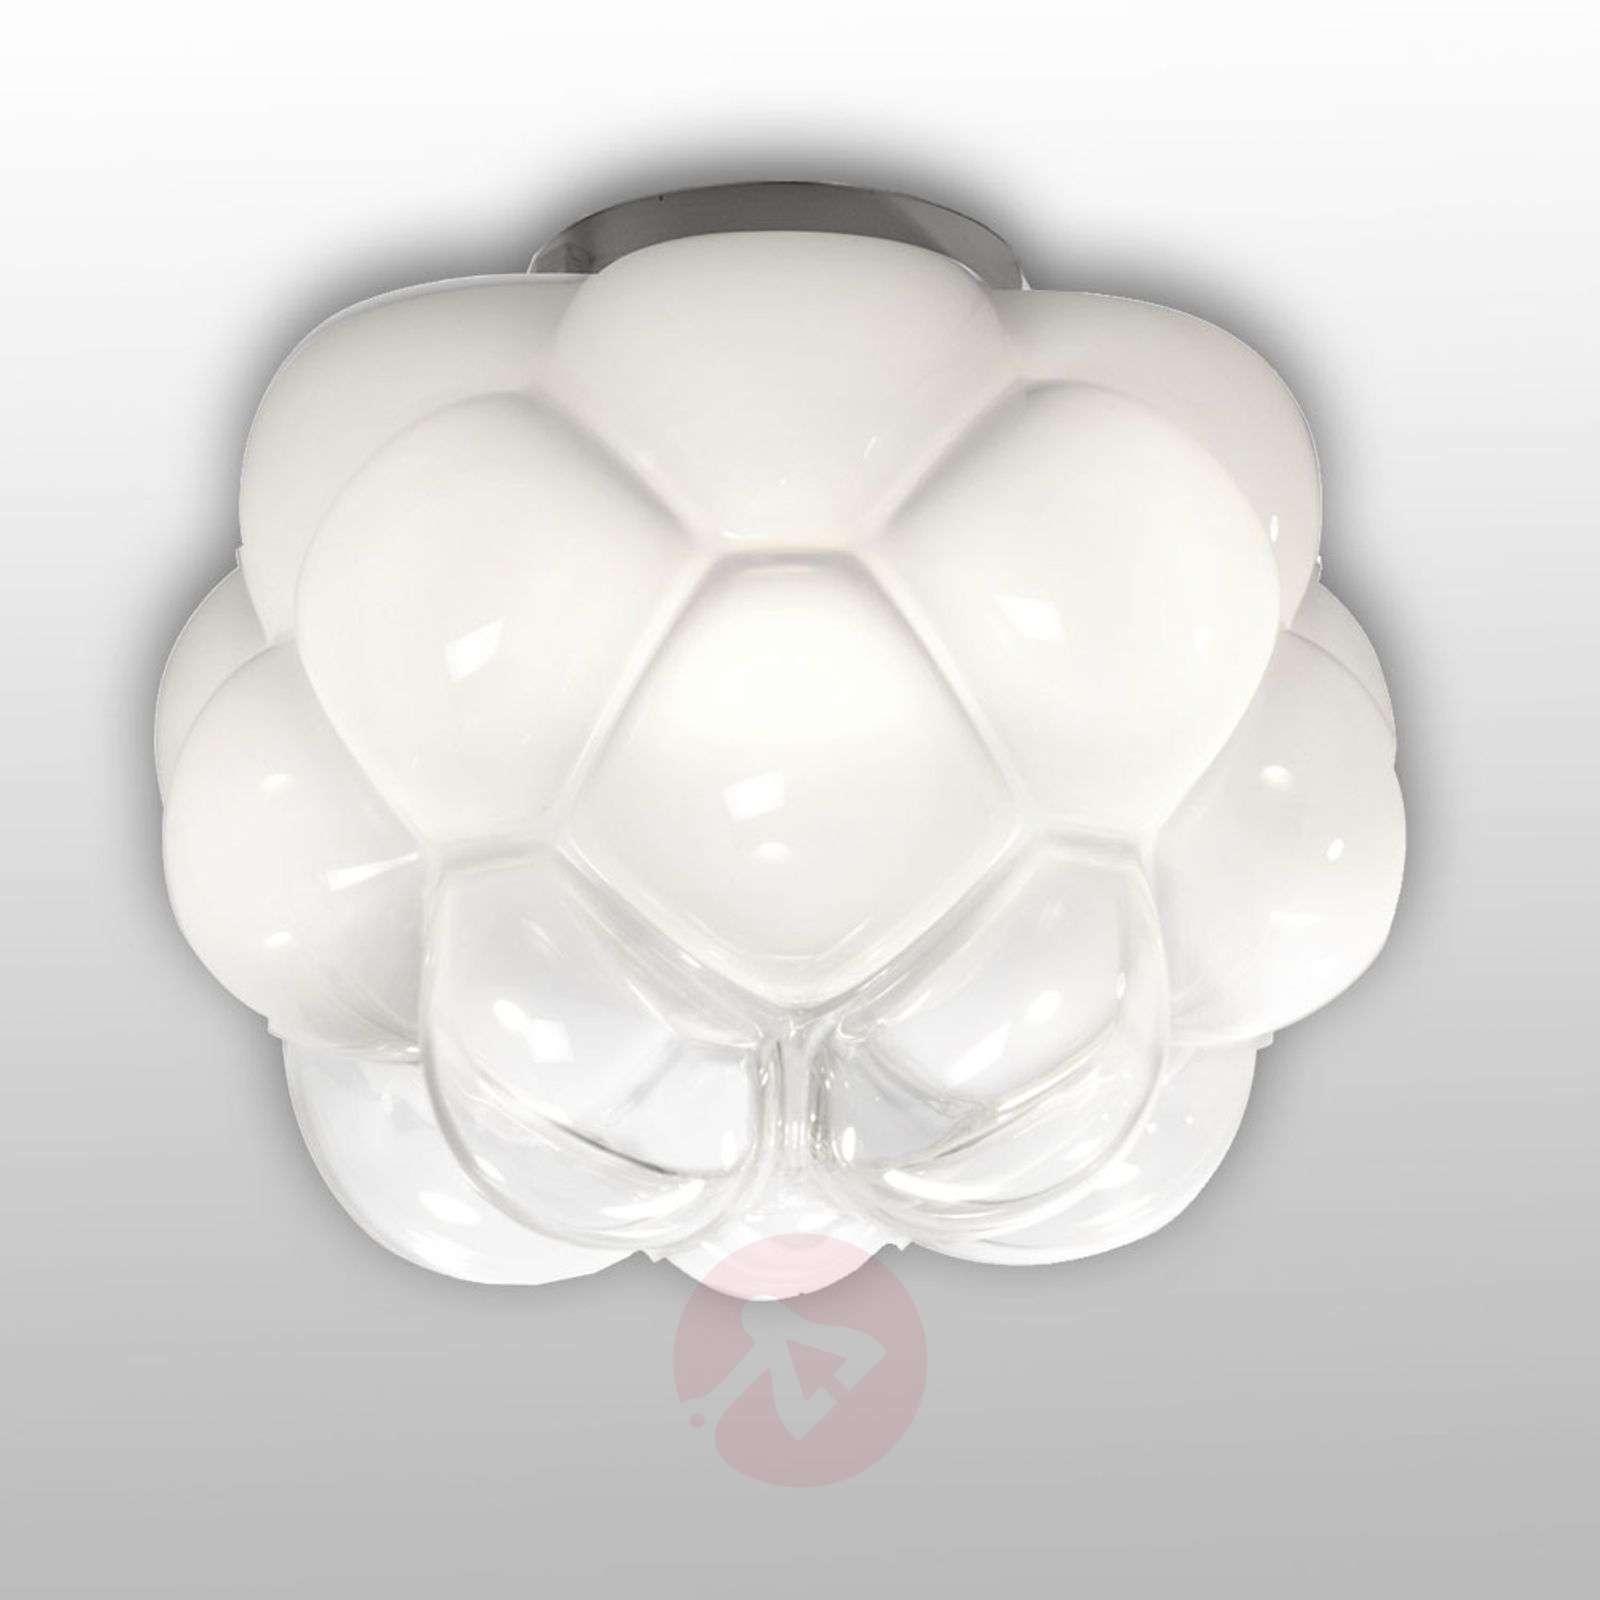 Pilvimäinen LED-kattovalaisin Cloudy-3503204X-01